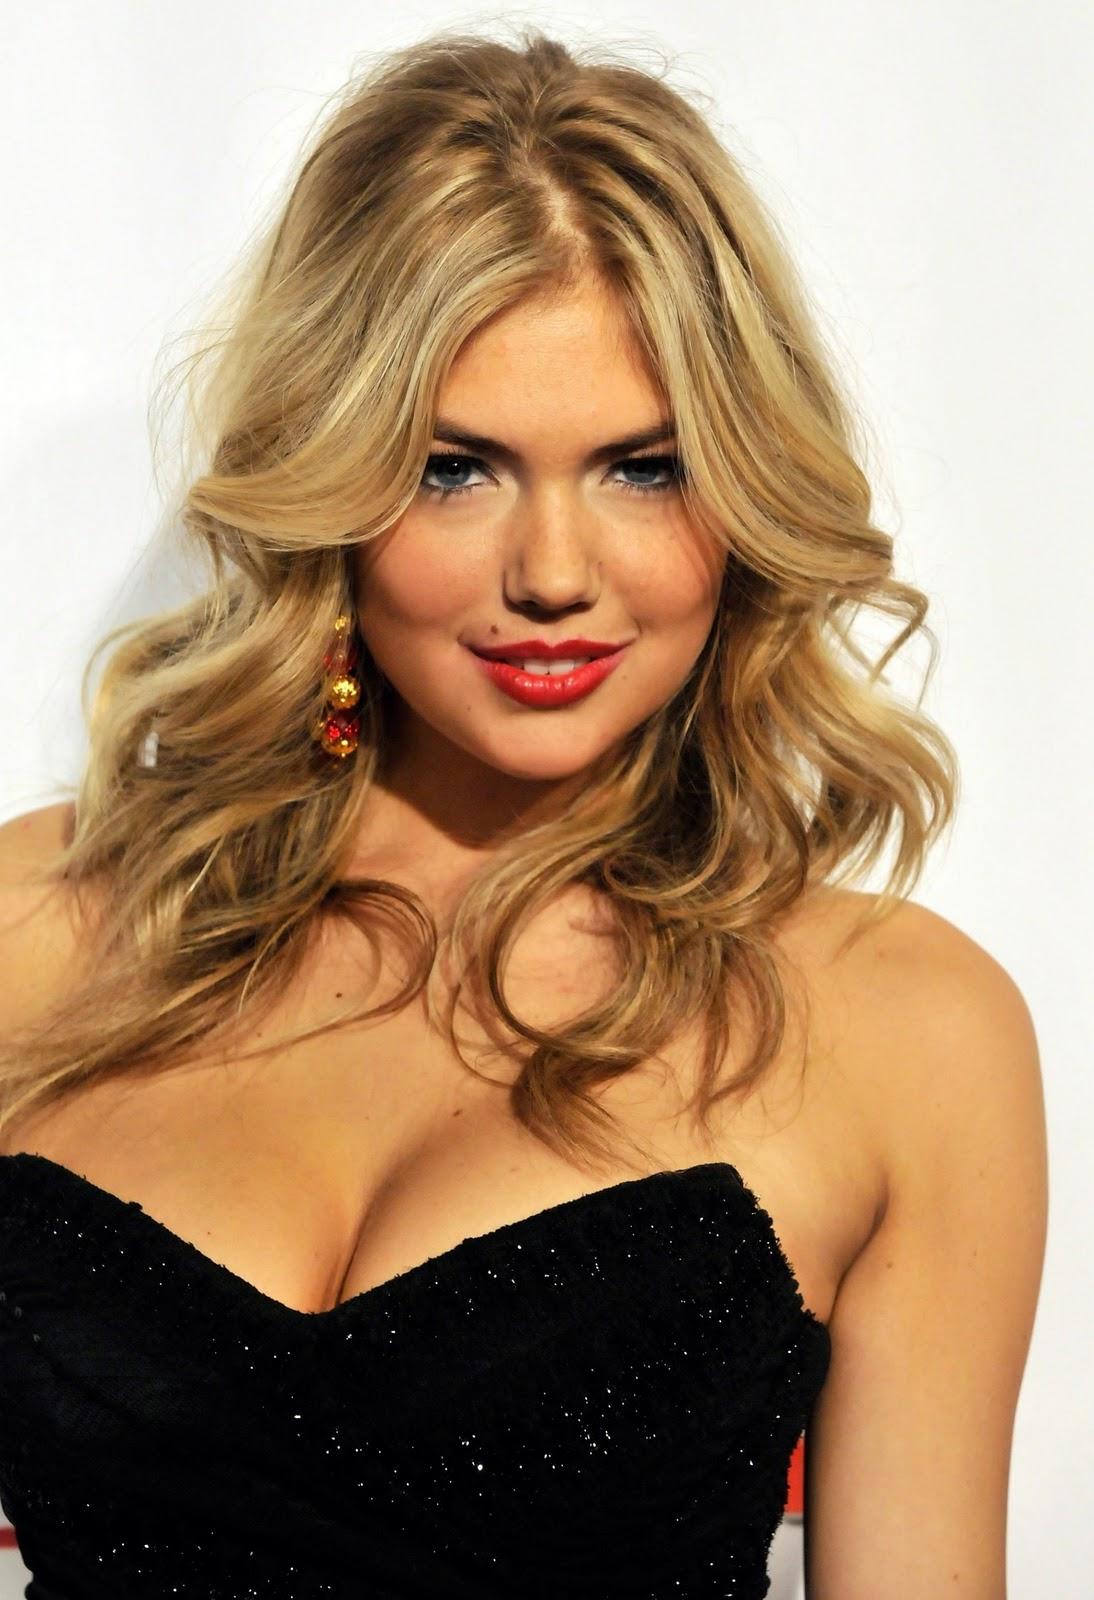 http://3.bp.blogspot.com/-hWFJfJYY1f4/TjuhxrhmtsI/AAAAAAAAFzo/YAhI0E0wUXc/s1600/Kate+Upton+15.jpg